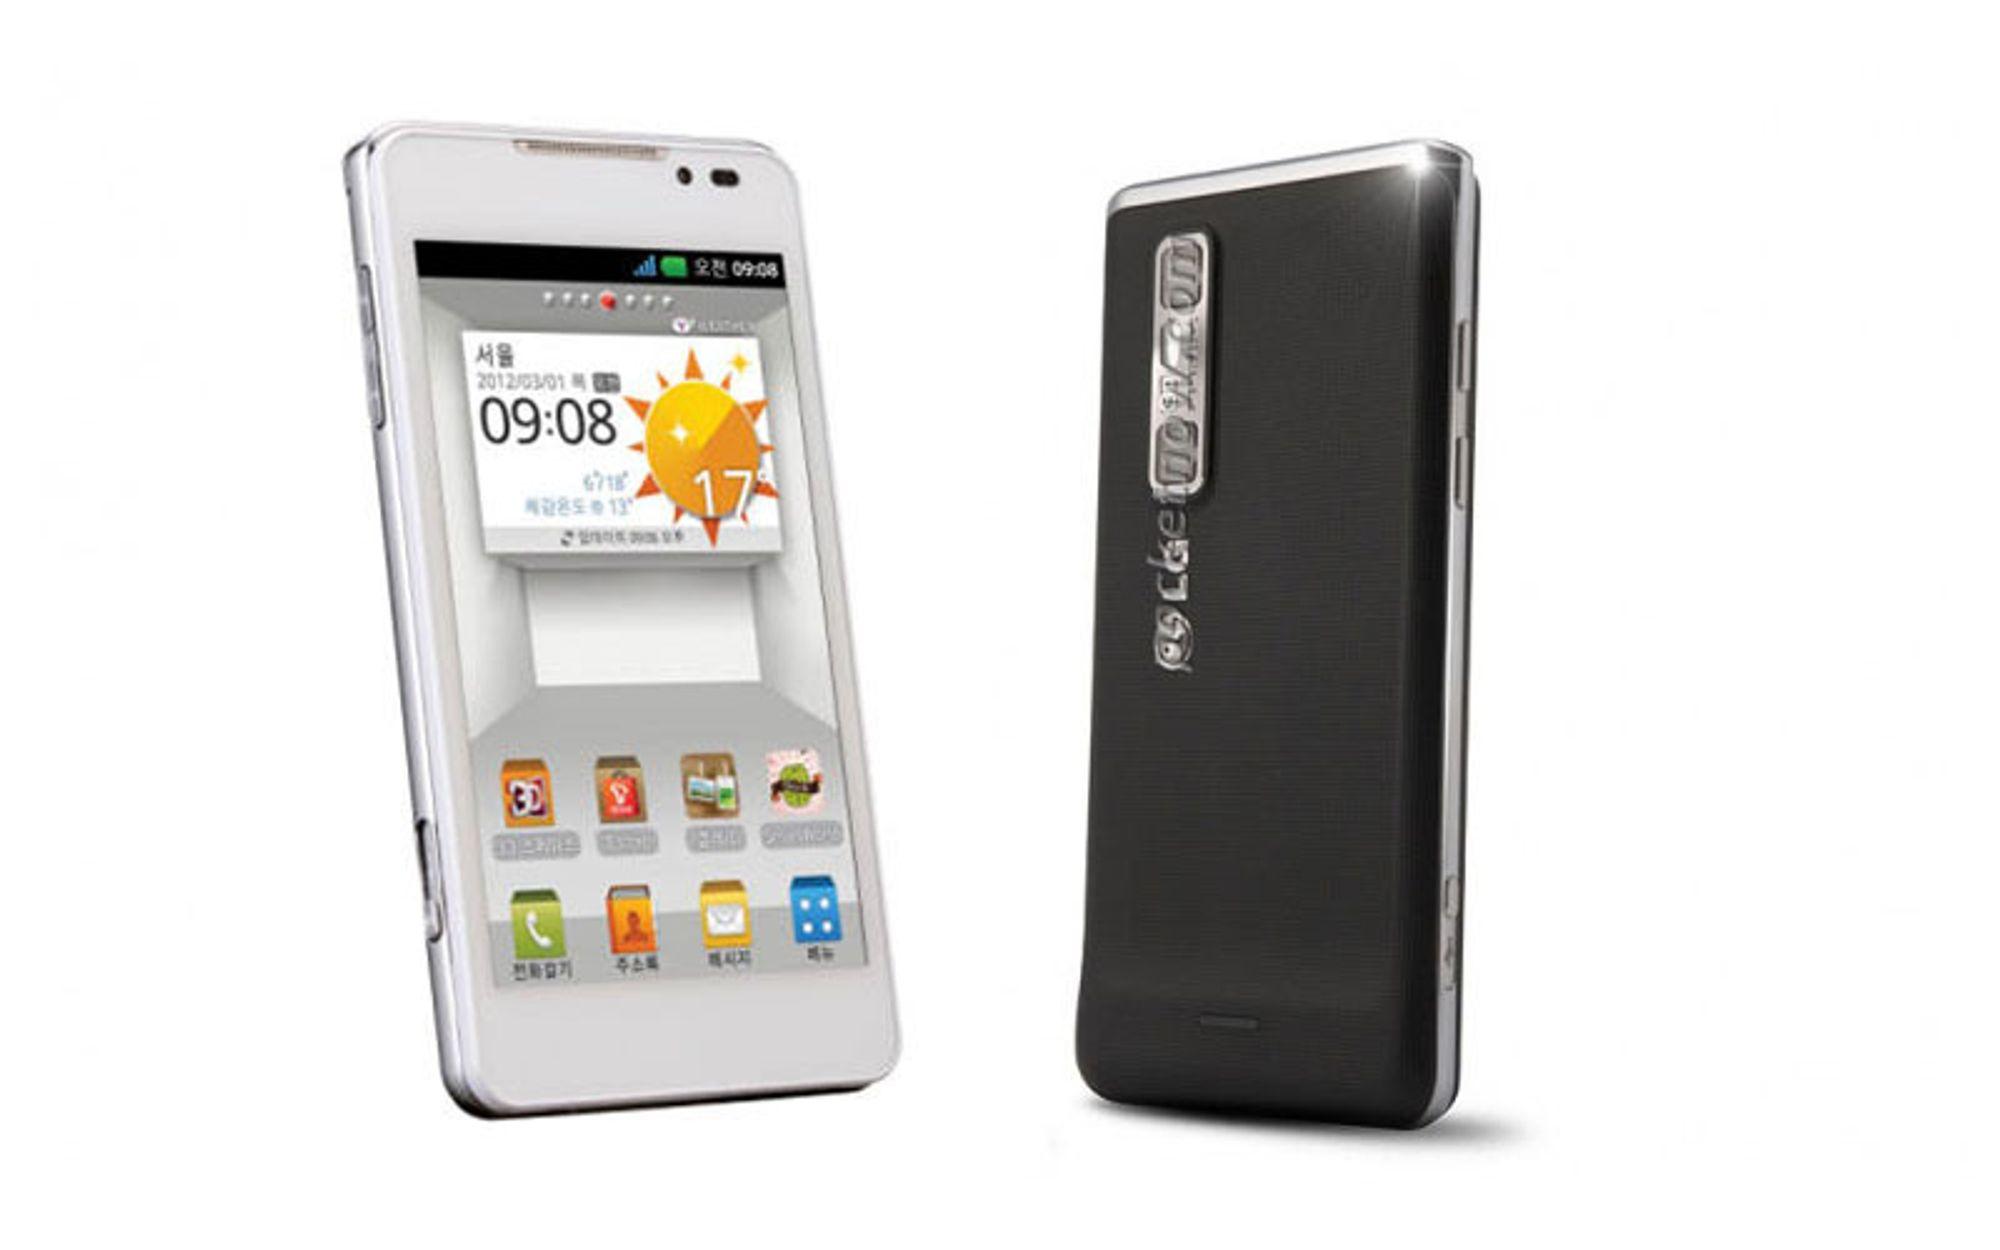 - Dette er oppfølgeren til LG Optimus 3D